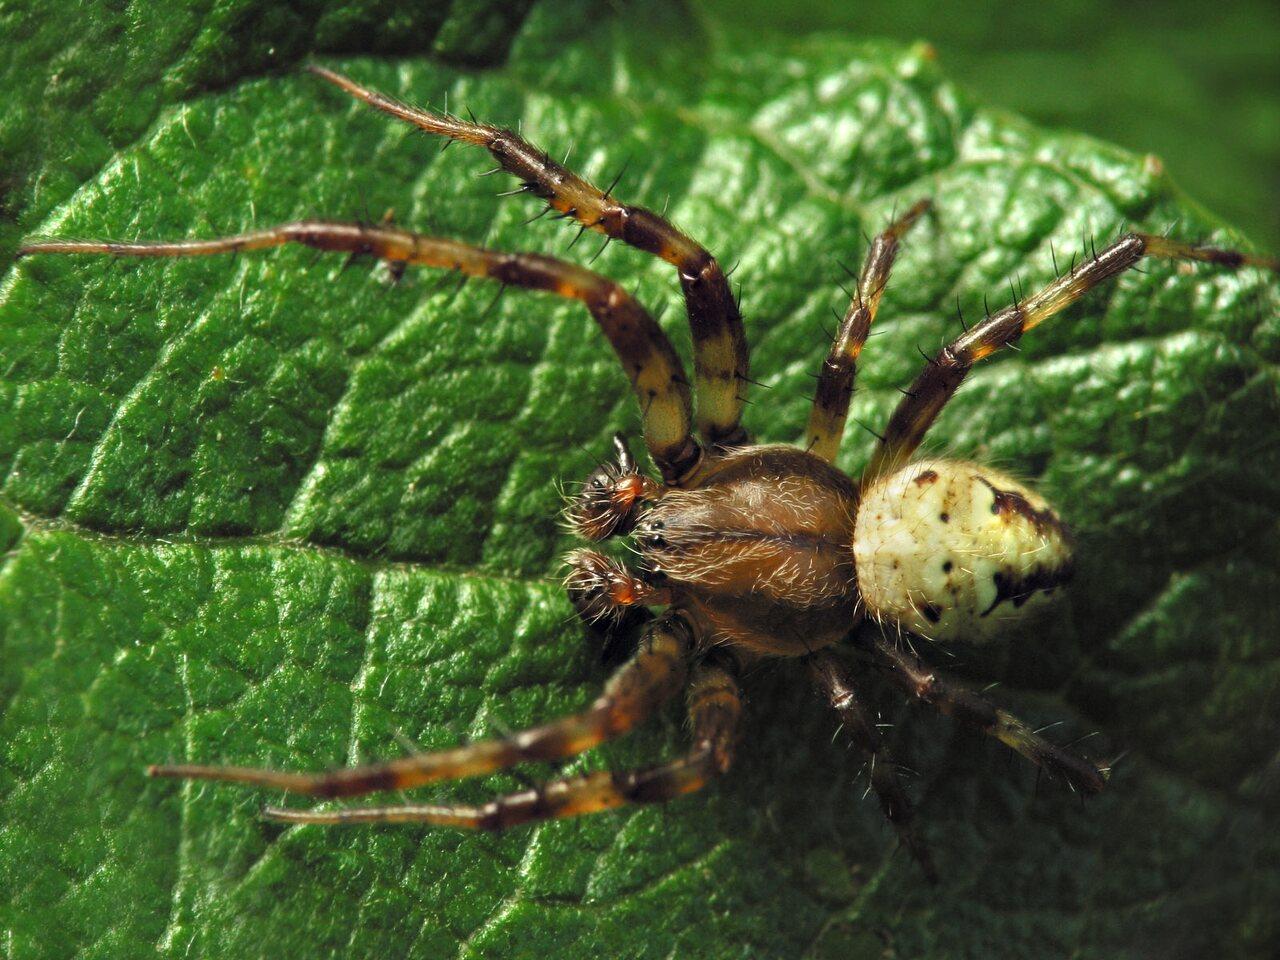 Araneus-quadratus-6803.jpg